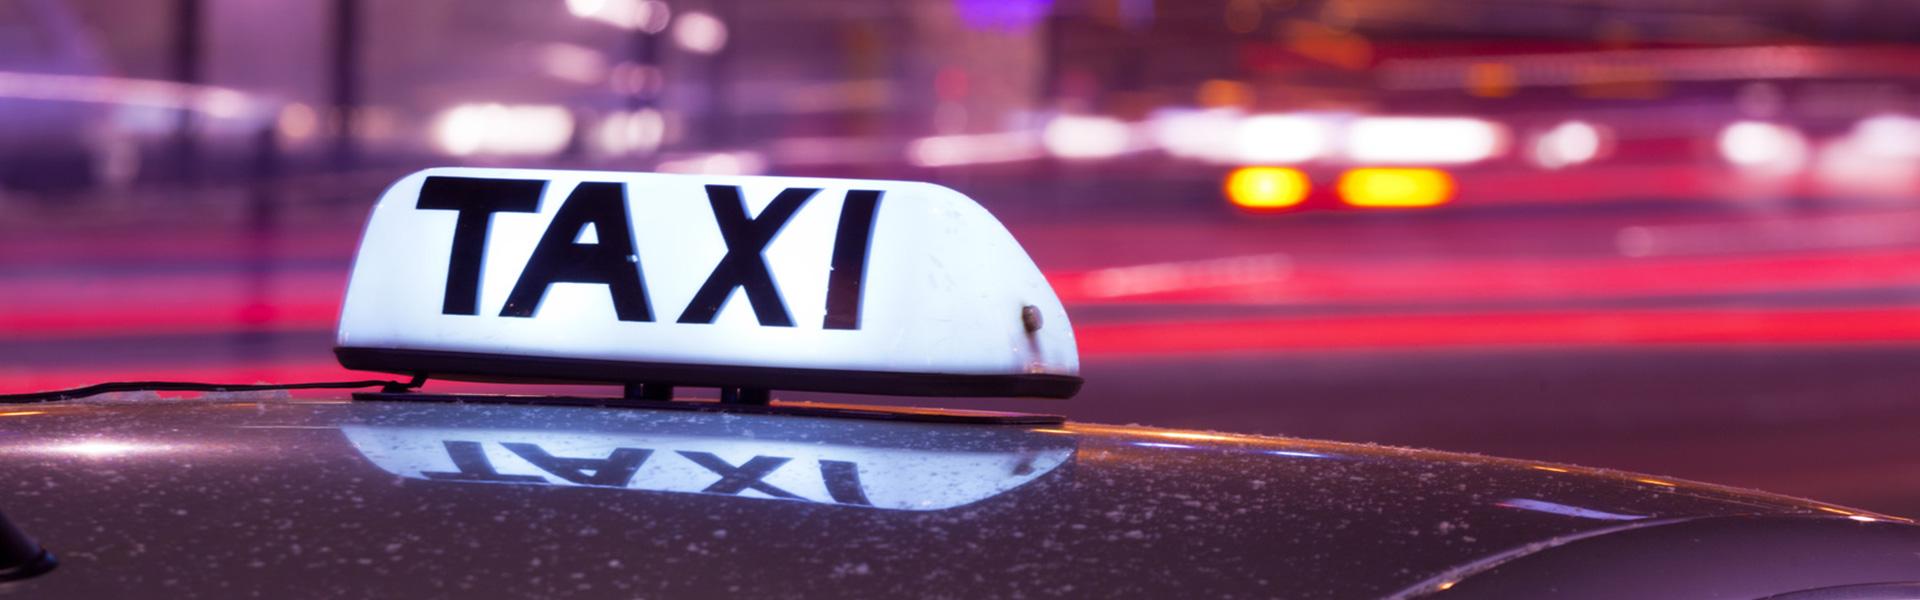 Taxi Osobowe w Wieluniu